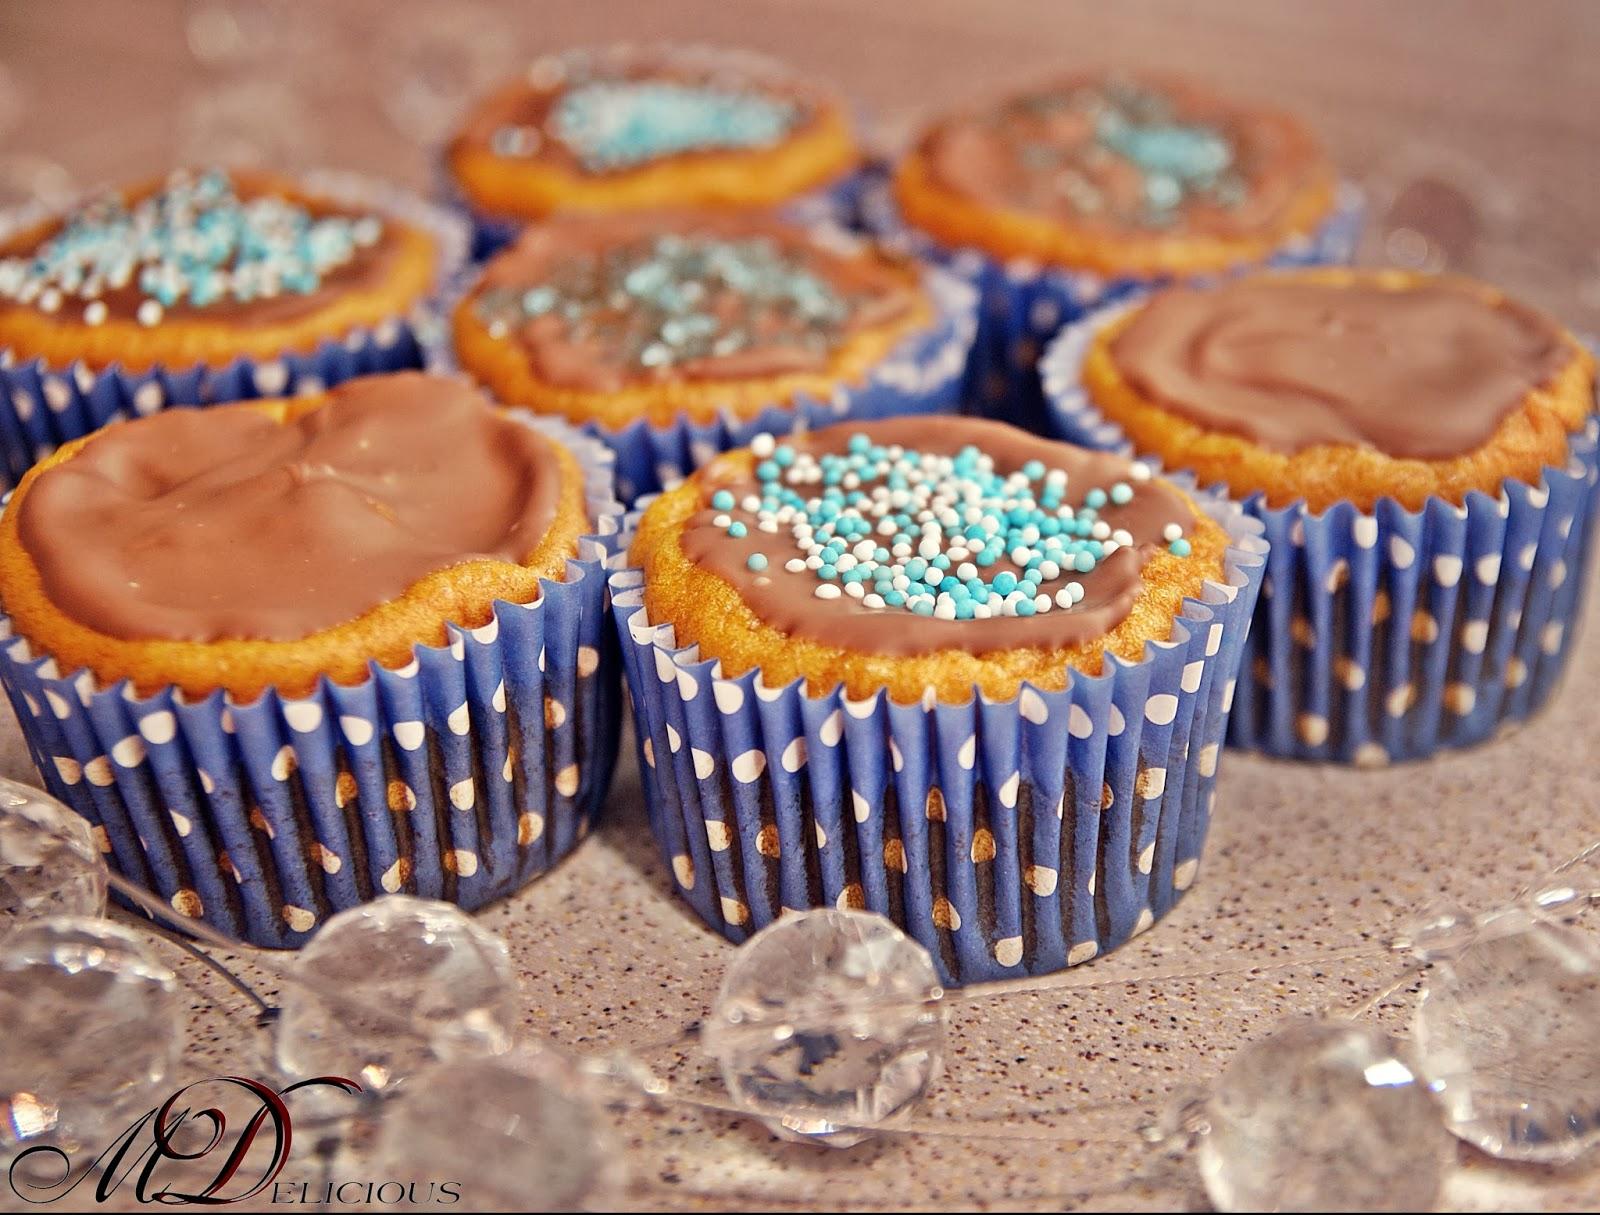 muffinki z marchewką, marchewka, babeczki z marchewką, zdrowe muffinki